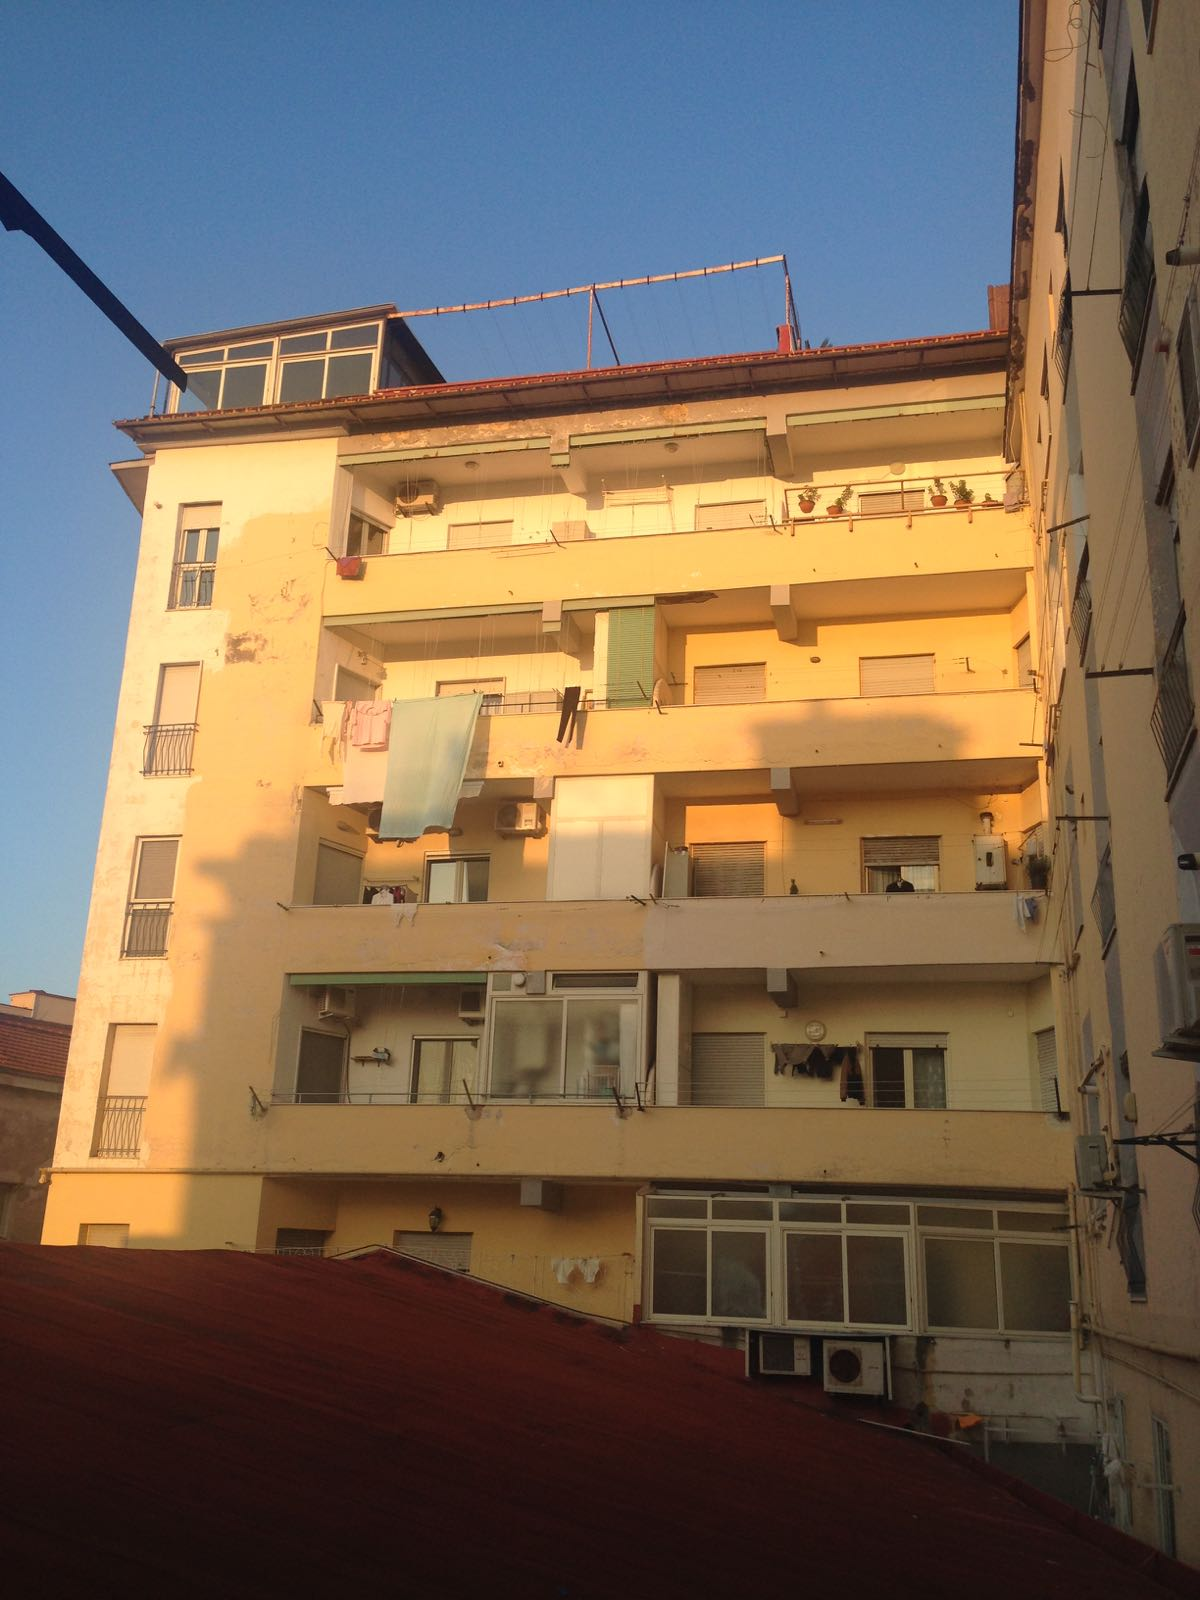 Vendesi appartamento via libert porticitempo di casa portici for Piani di casa con portici schermati e sunrooms